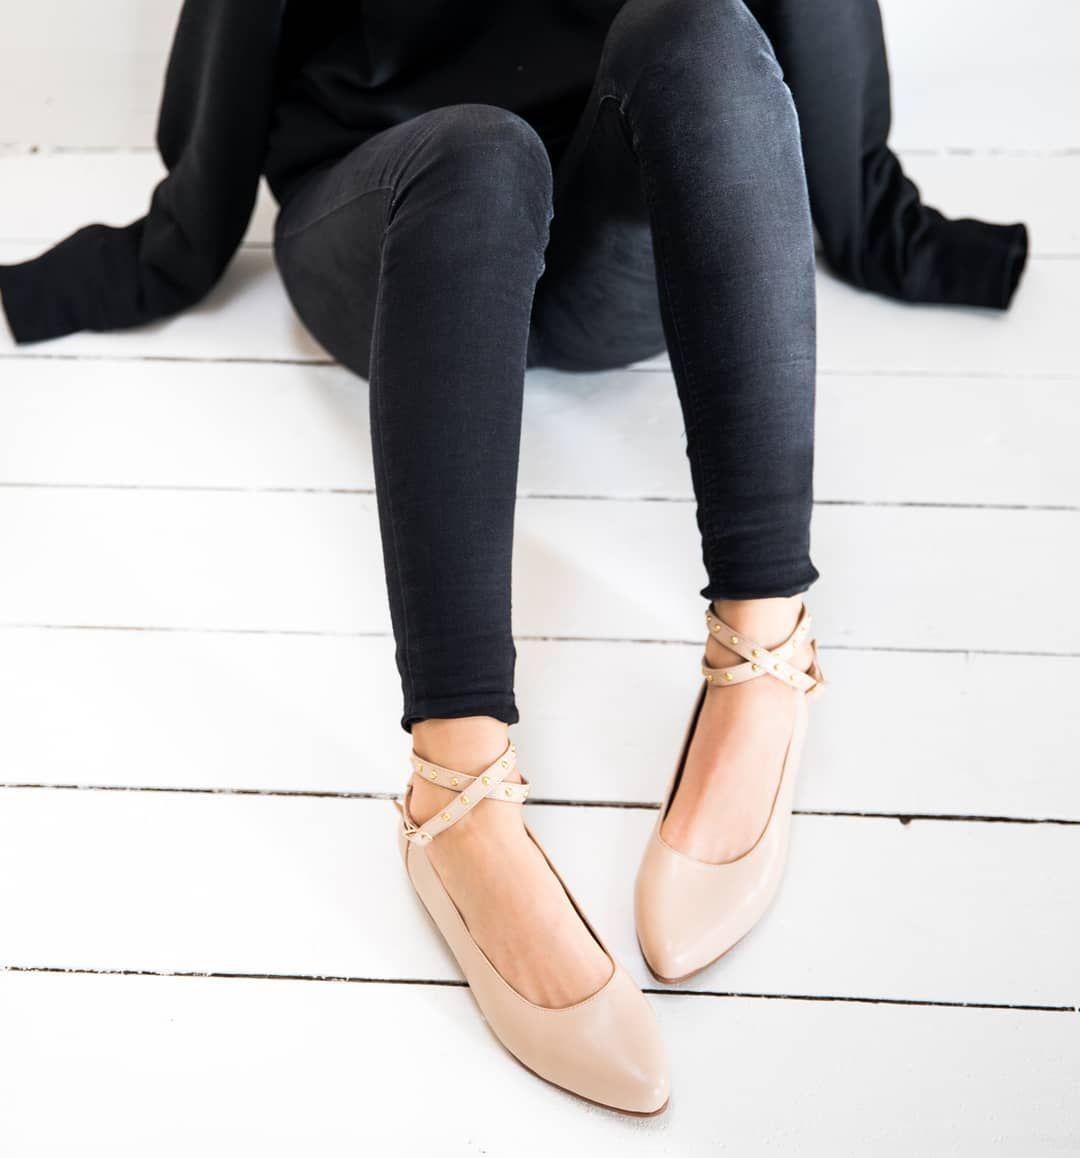 Bared Footwear (@baredfootwear